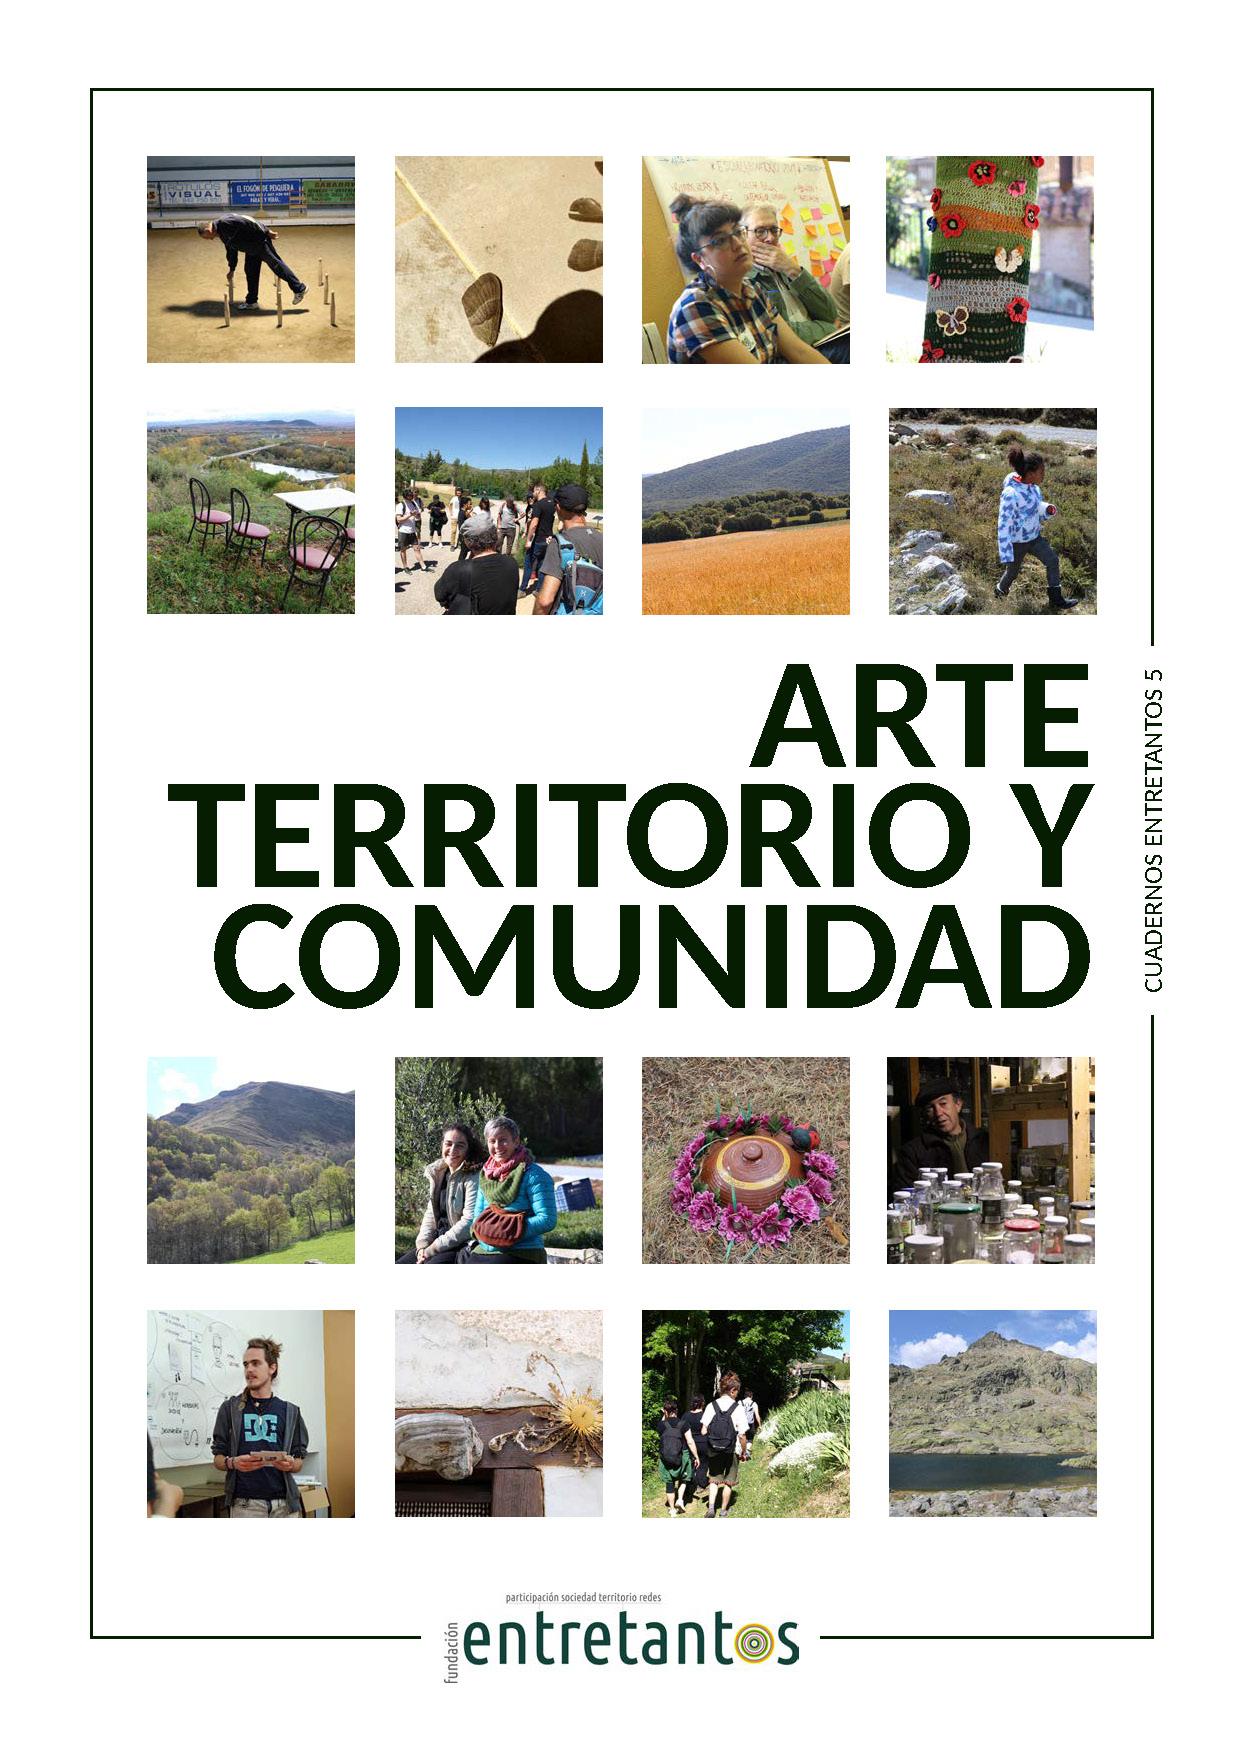 CuadernoEntretantos5_ArteTerritorio_def